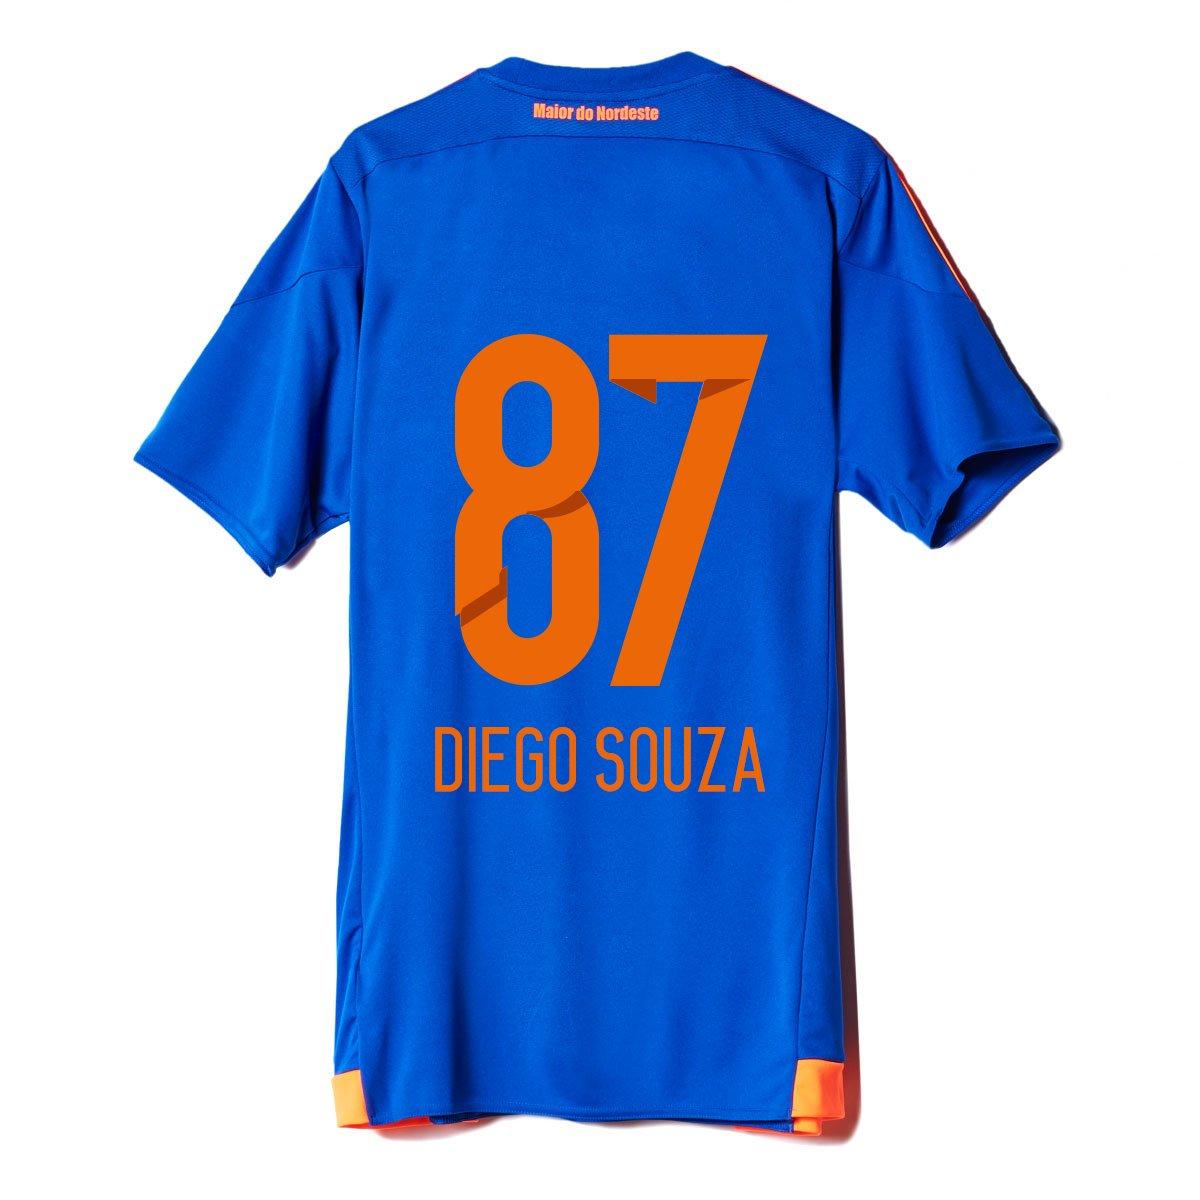 a5cbf8e224 Camisa Adidas Sport Recife III 15 16 nº 87 - Diego Souza - Compre Agora